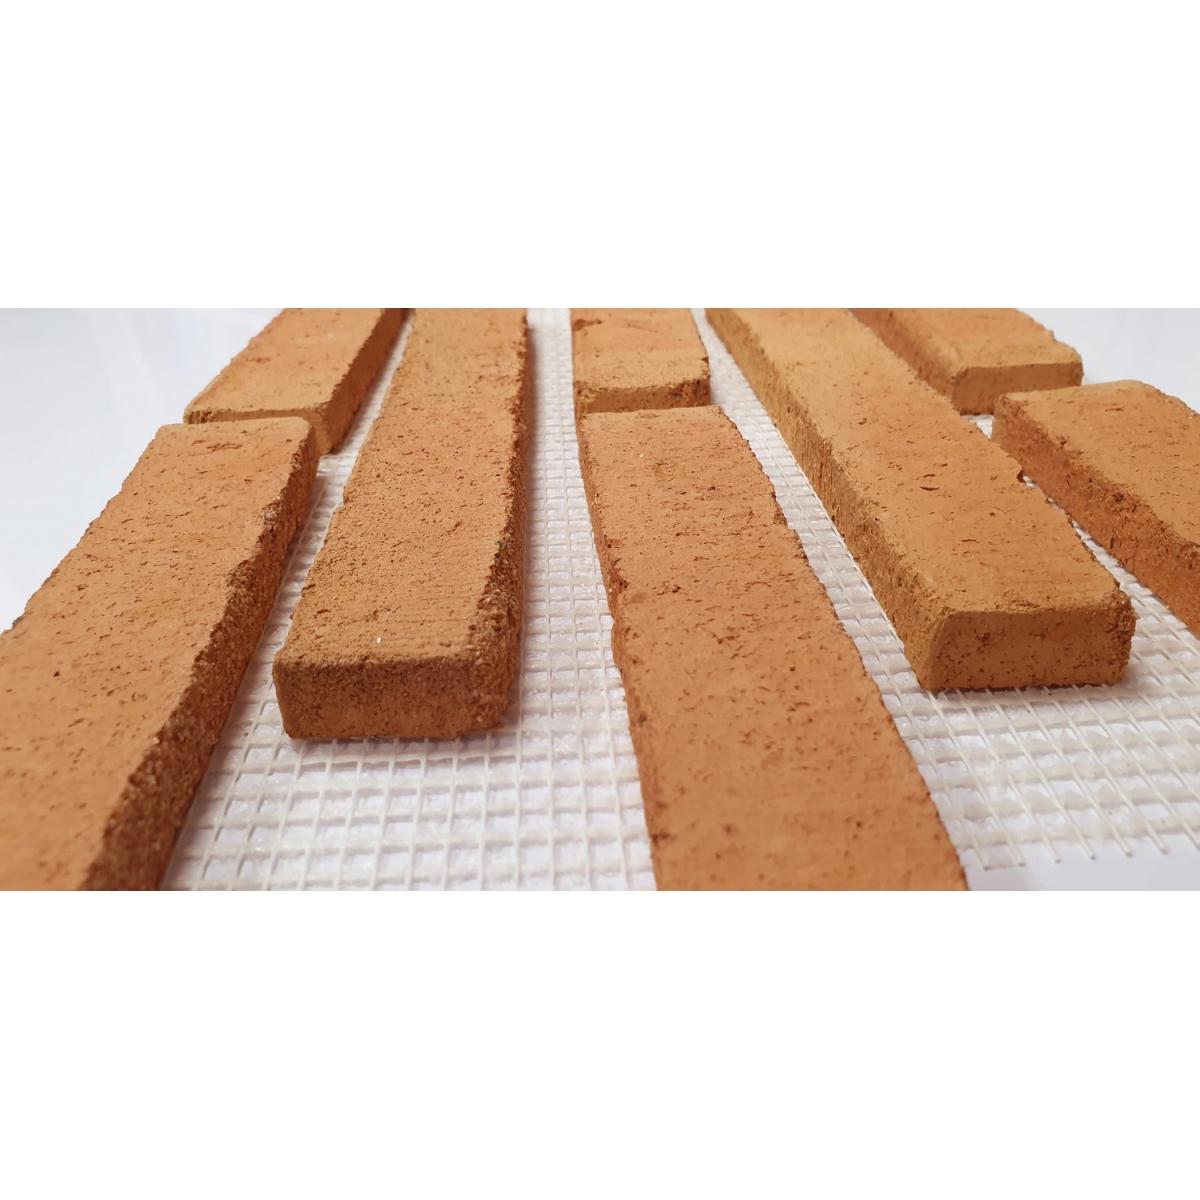 Plaqueta de ladrillo rustico enmallada para revestimiento interior y exterior tono envejecido